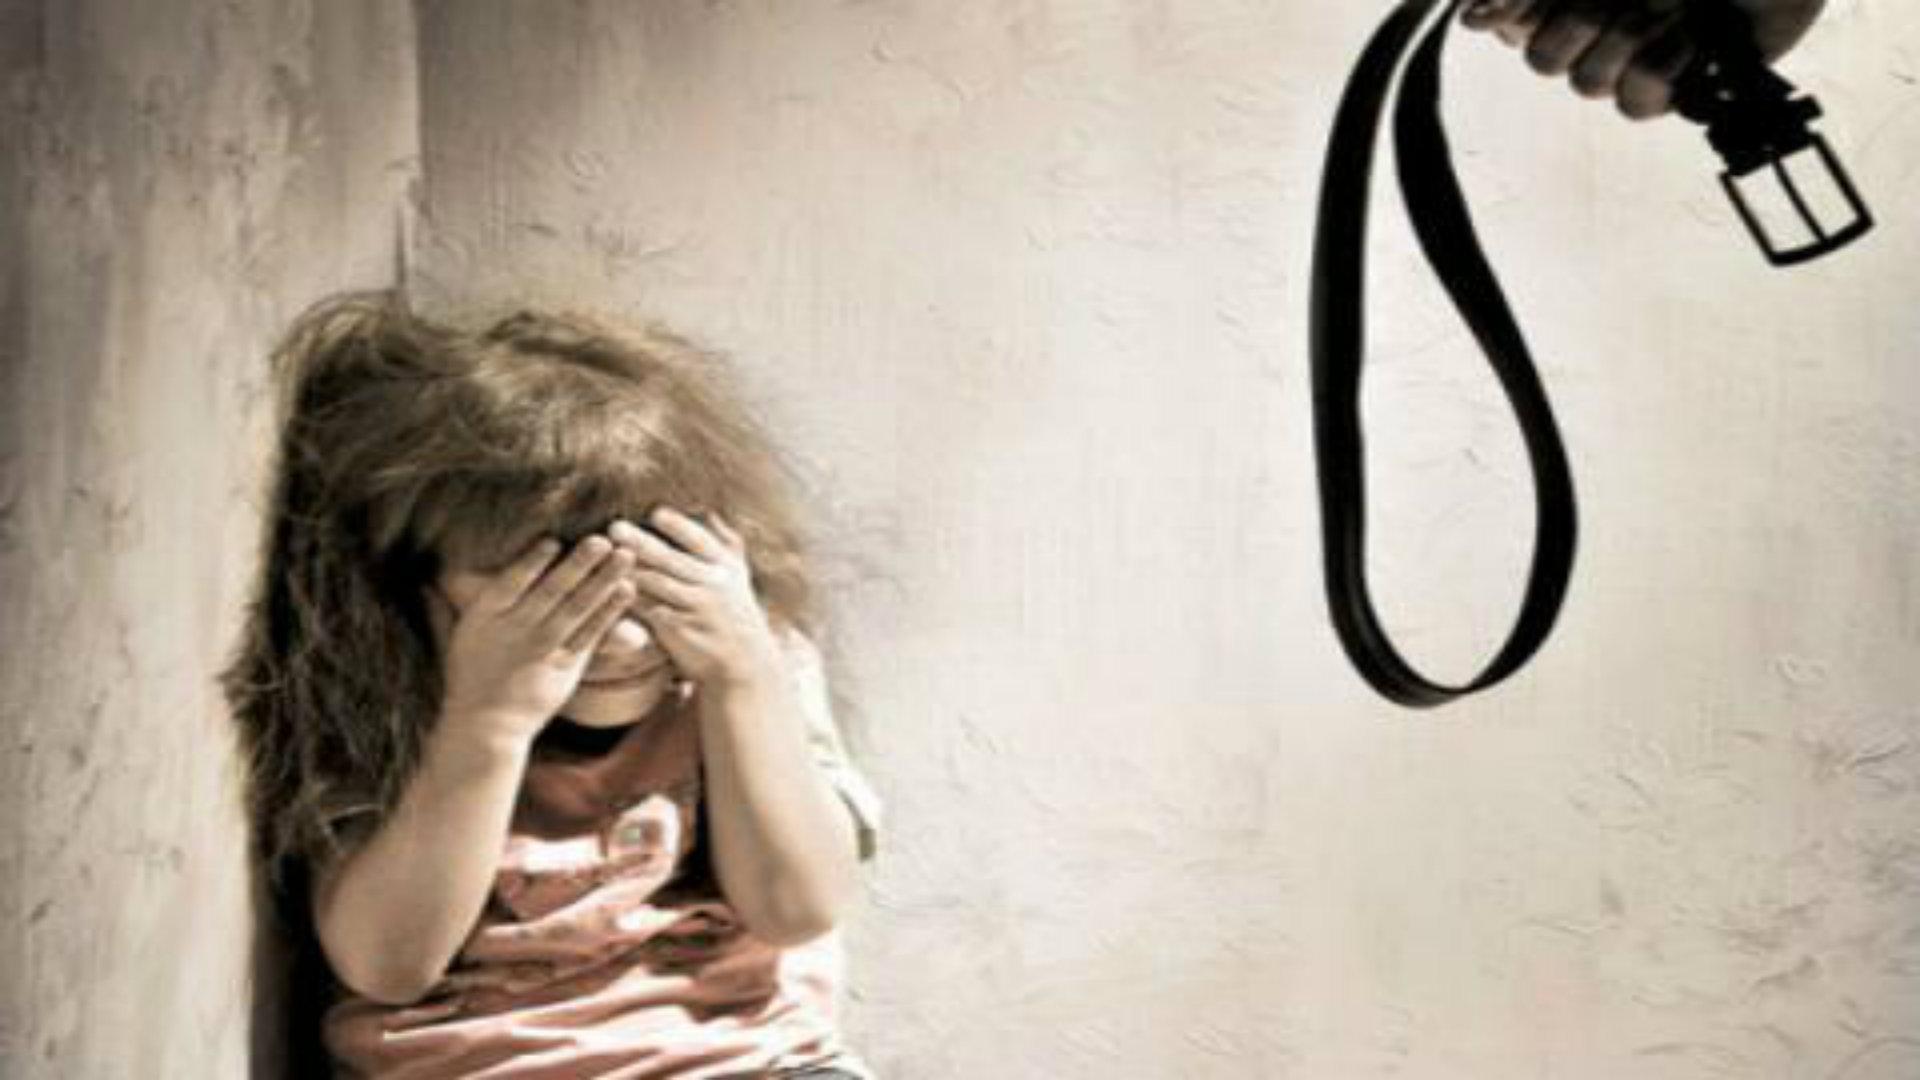 Conoce la cifra de niños que sufren maltrato infantil en Honduras